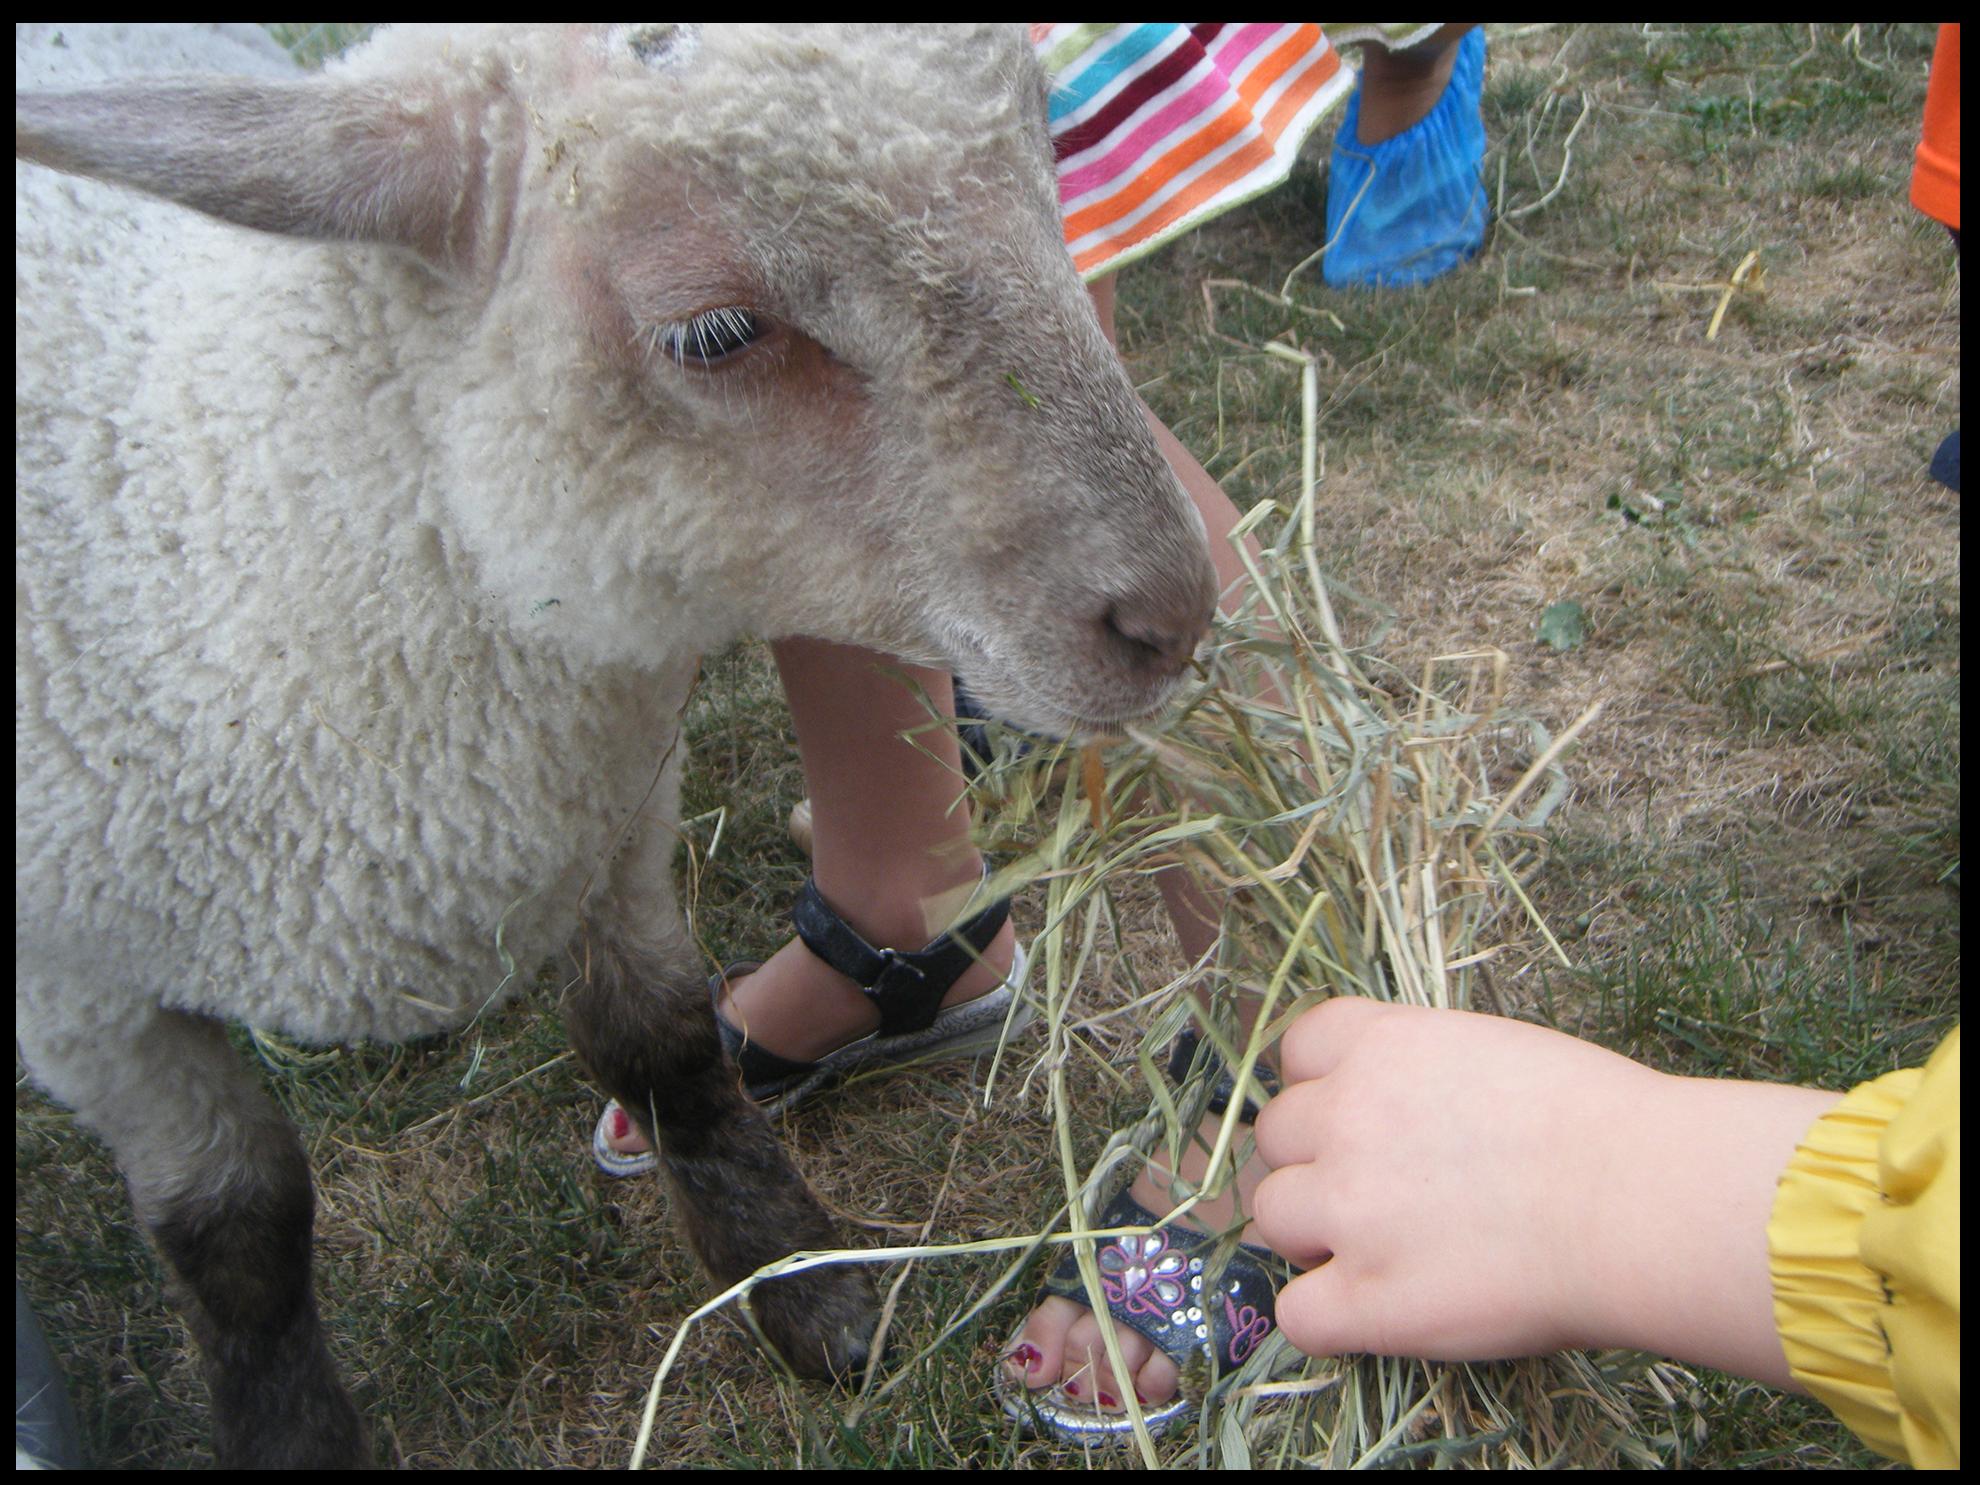 Un jeune enfant nourrit un agneau